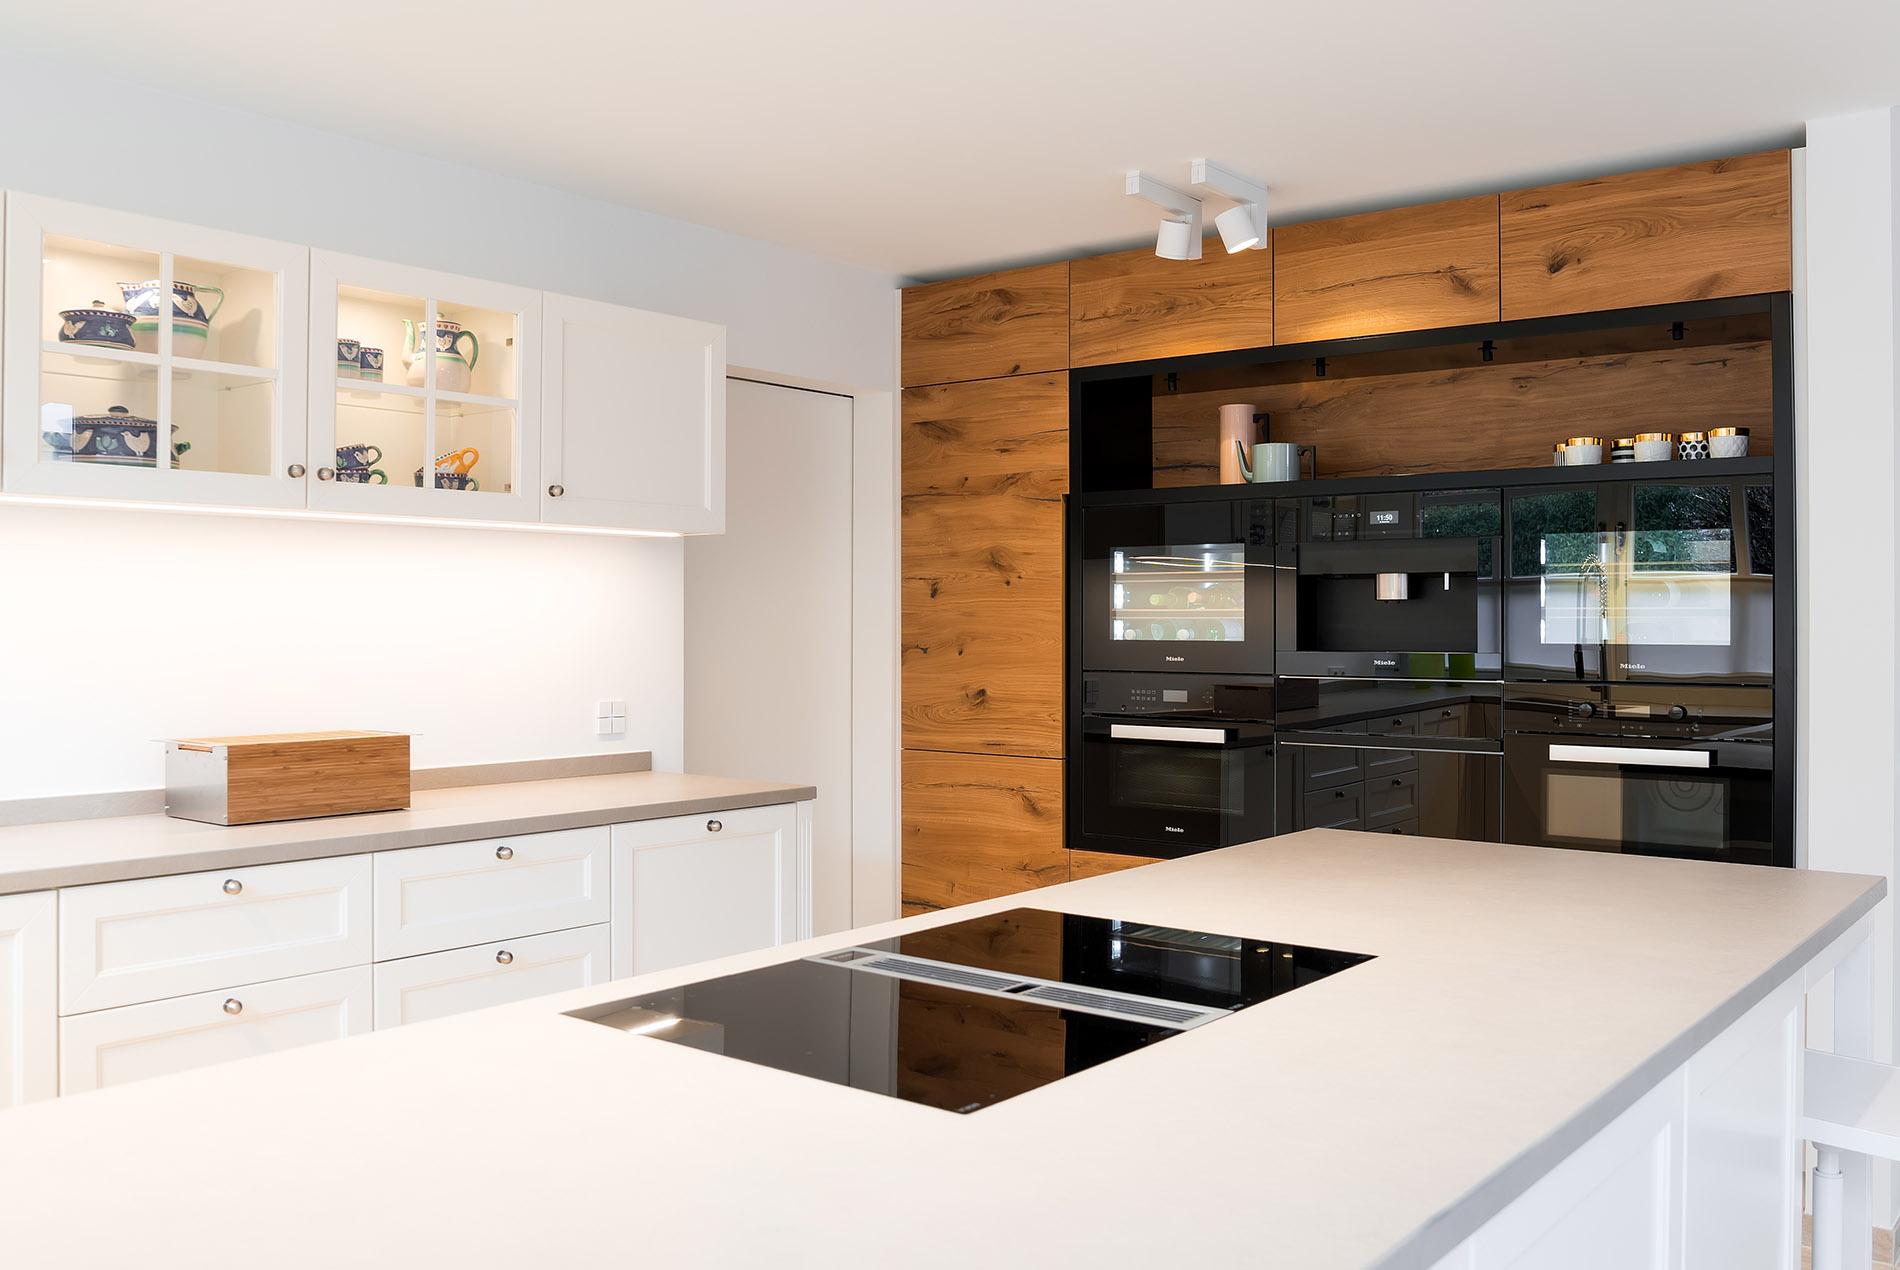 offene landhaus k che modern und zeitlos tischlerei sch pker. Black Bedroom Furniture Sets. Home Design Ideas